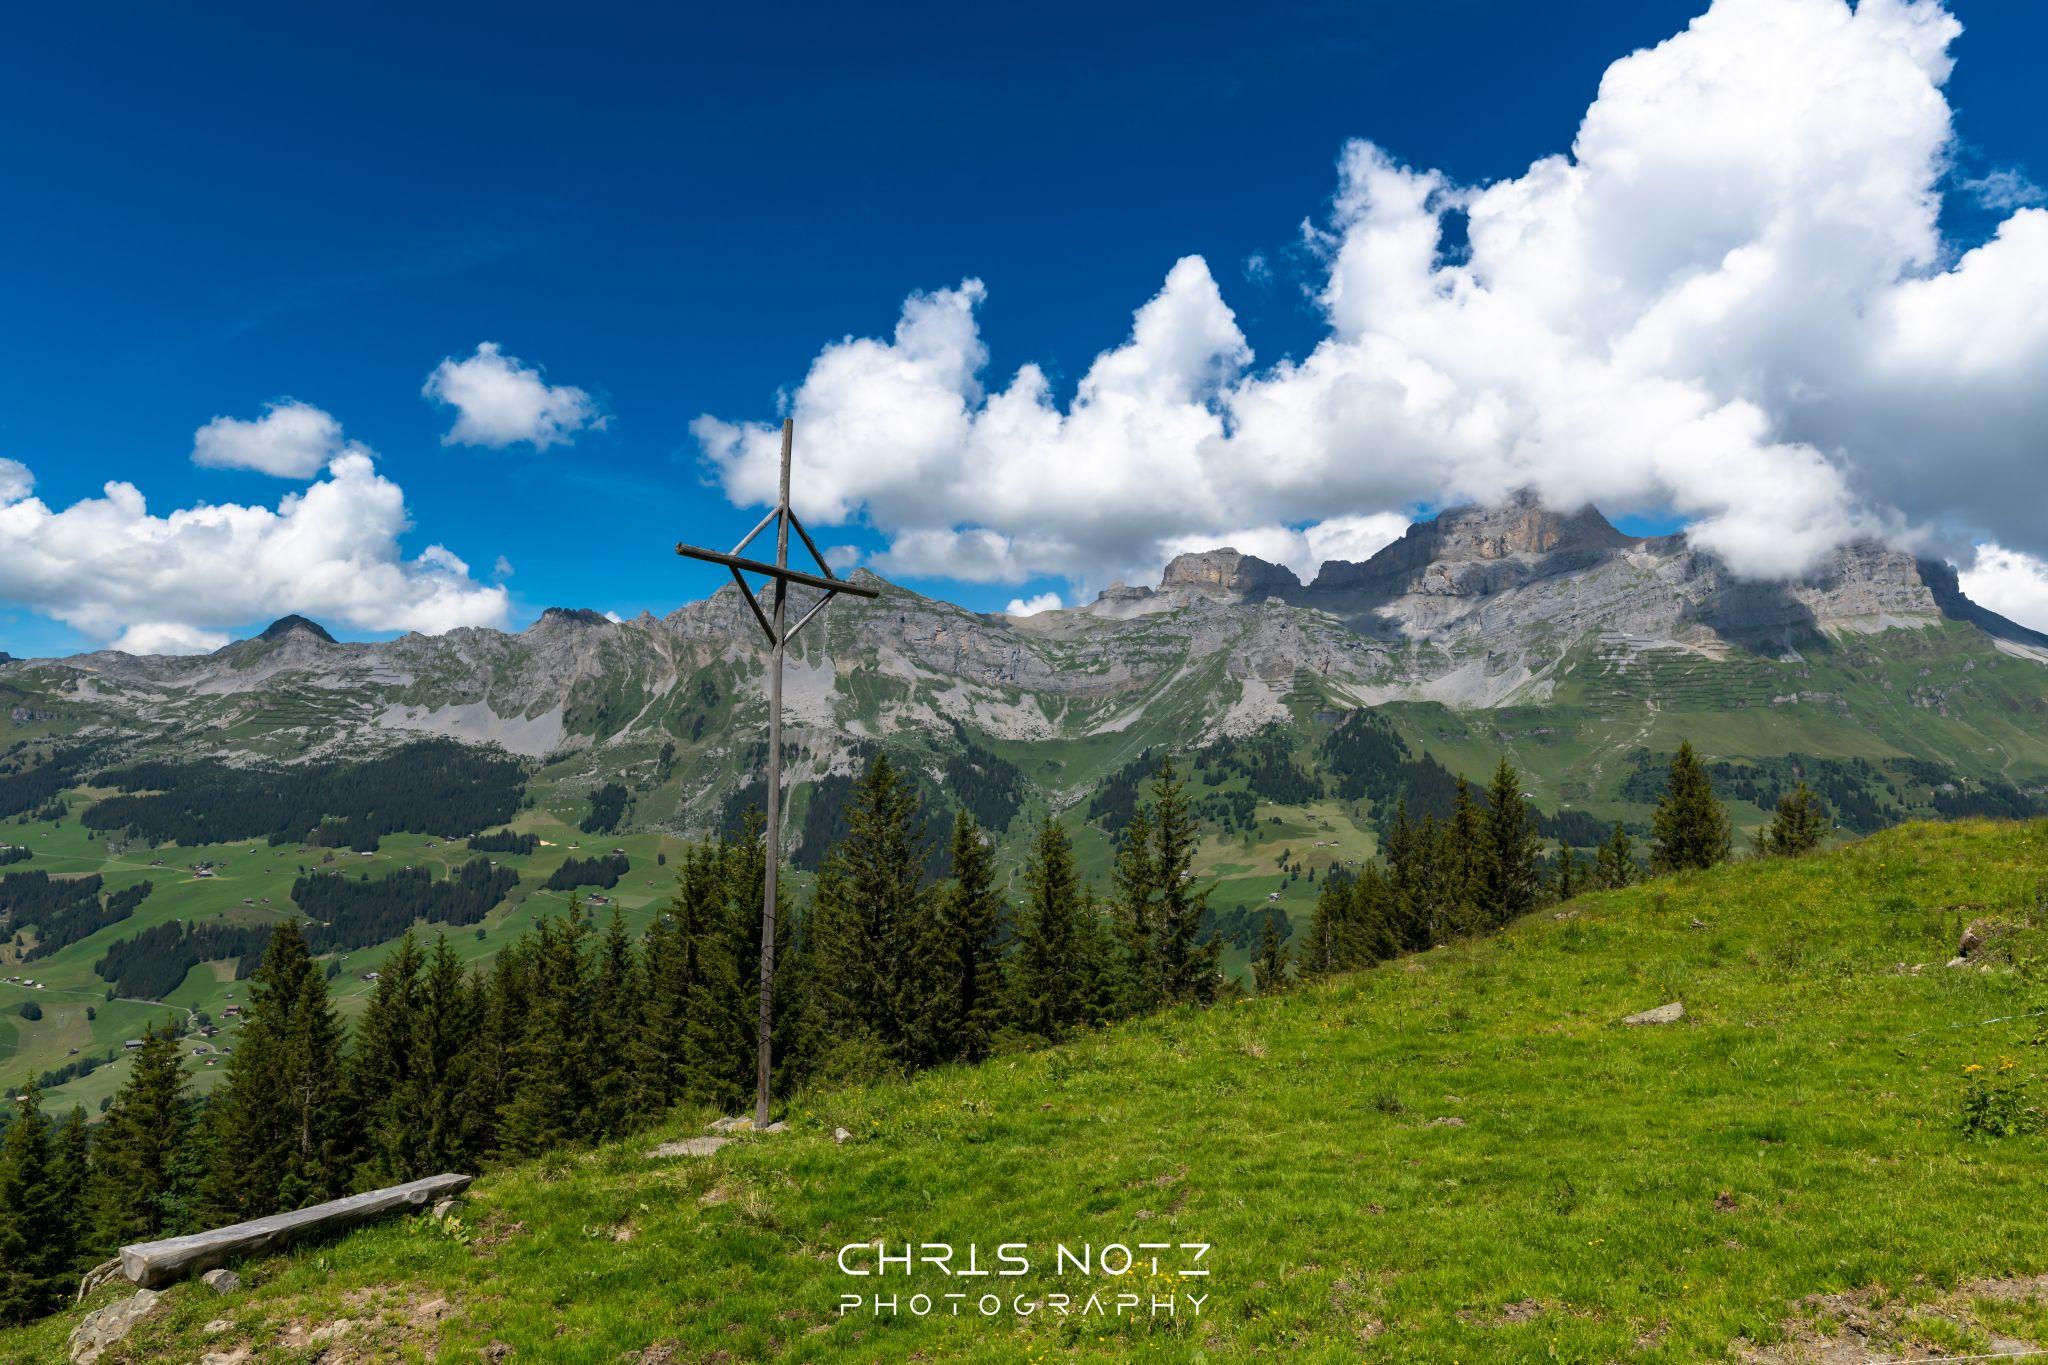 Schächental Sittlisalp Alp Obsaum, Switzerland